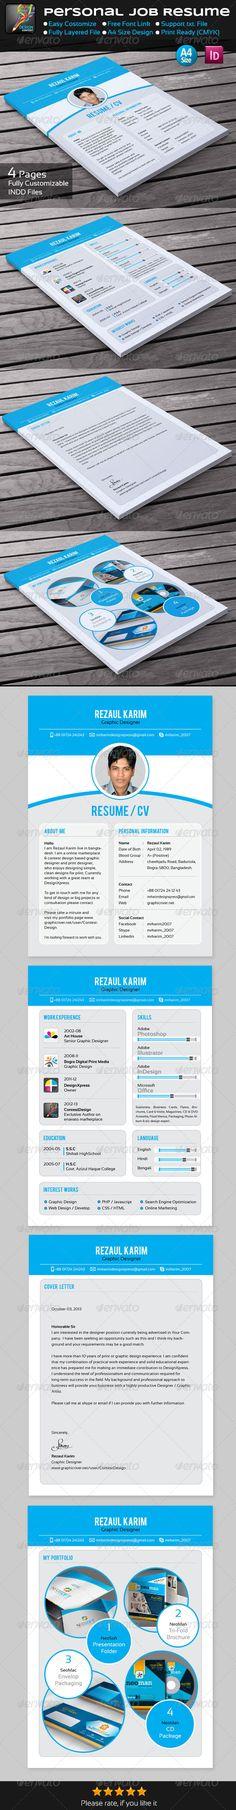 resume in indesign resume portfolio template resume in indesign resume